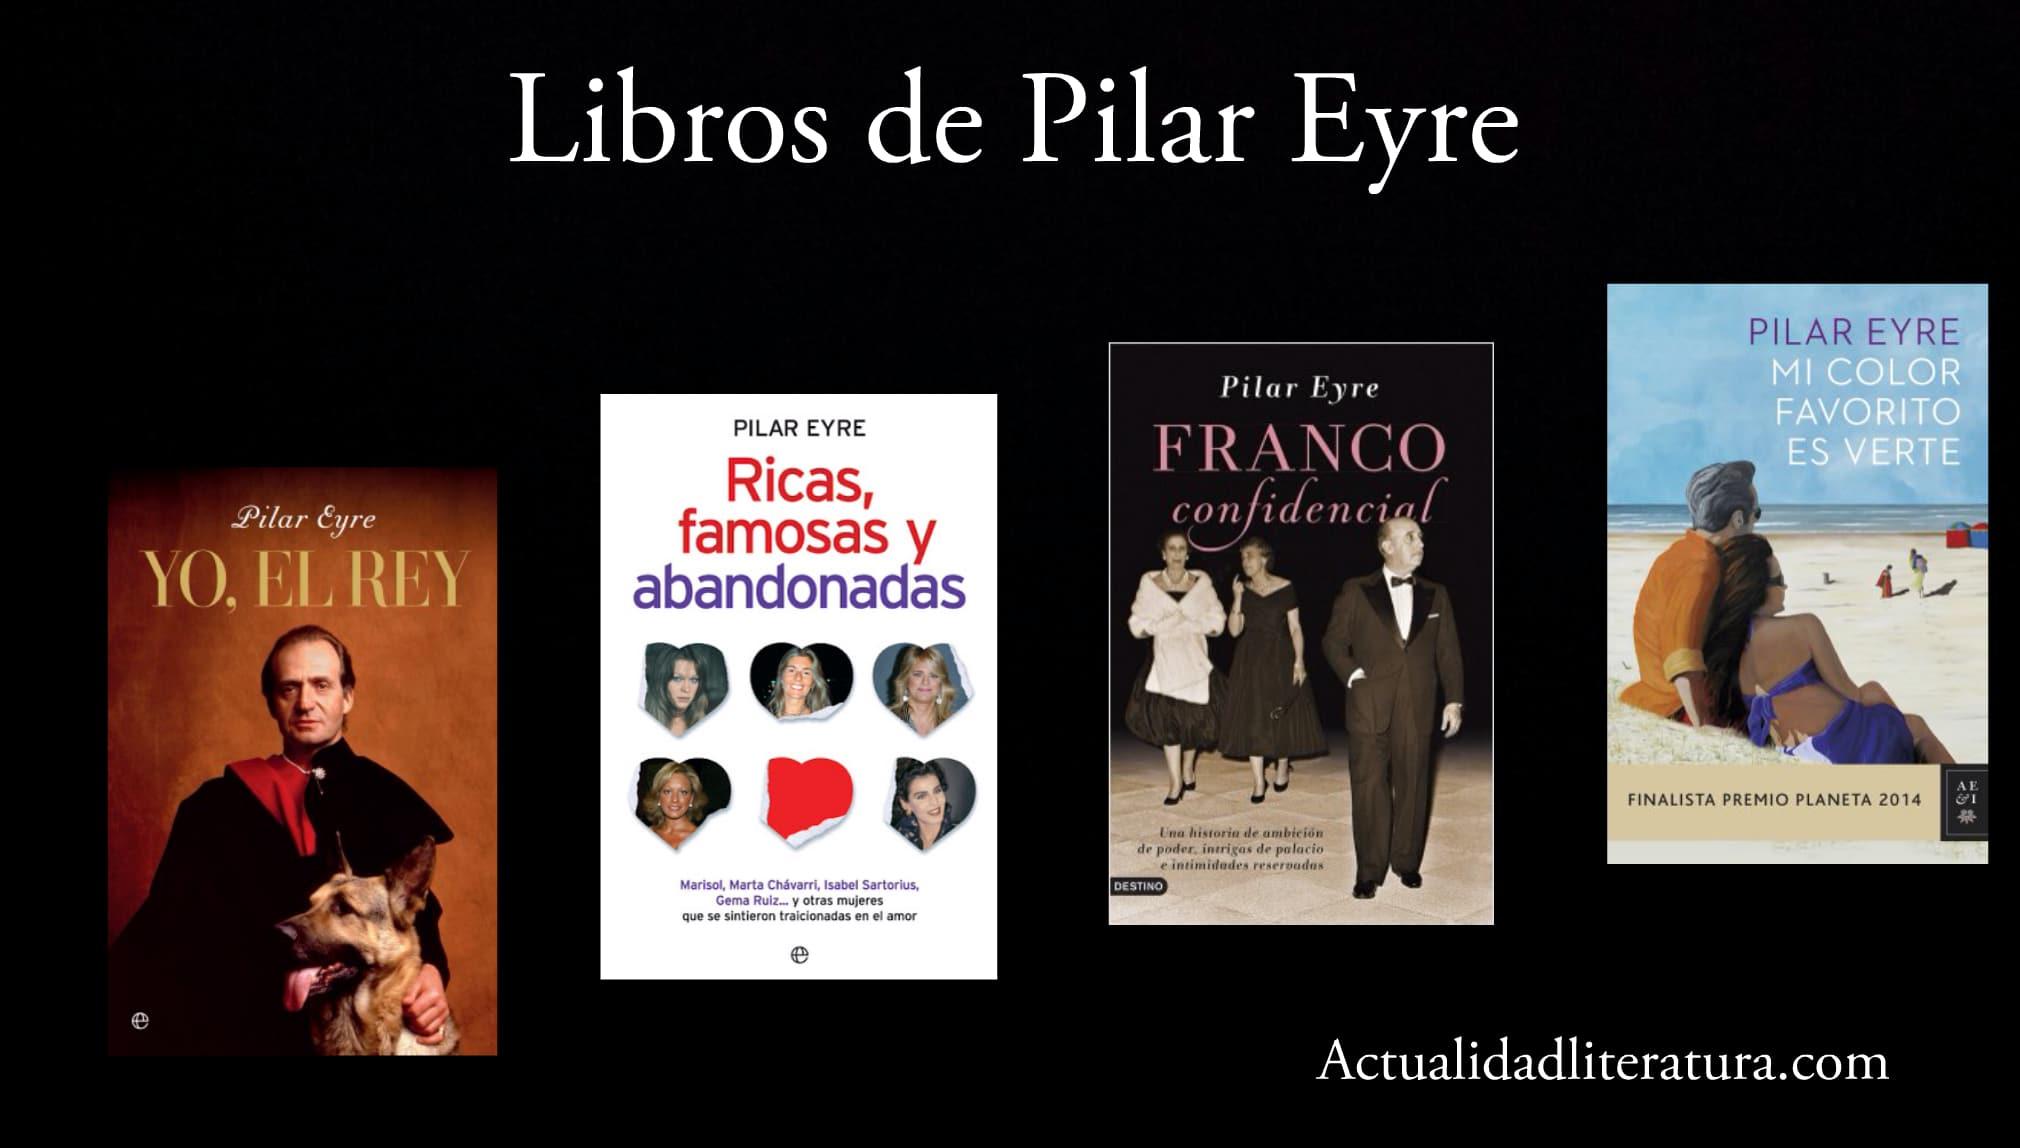 Libros de Pilar Eyre